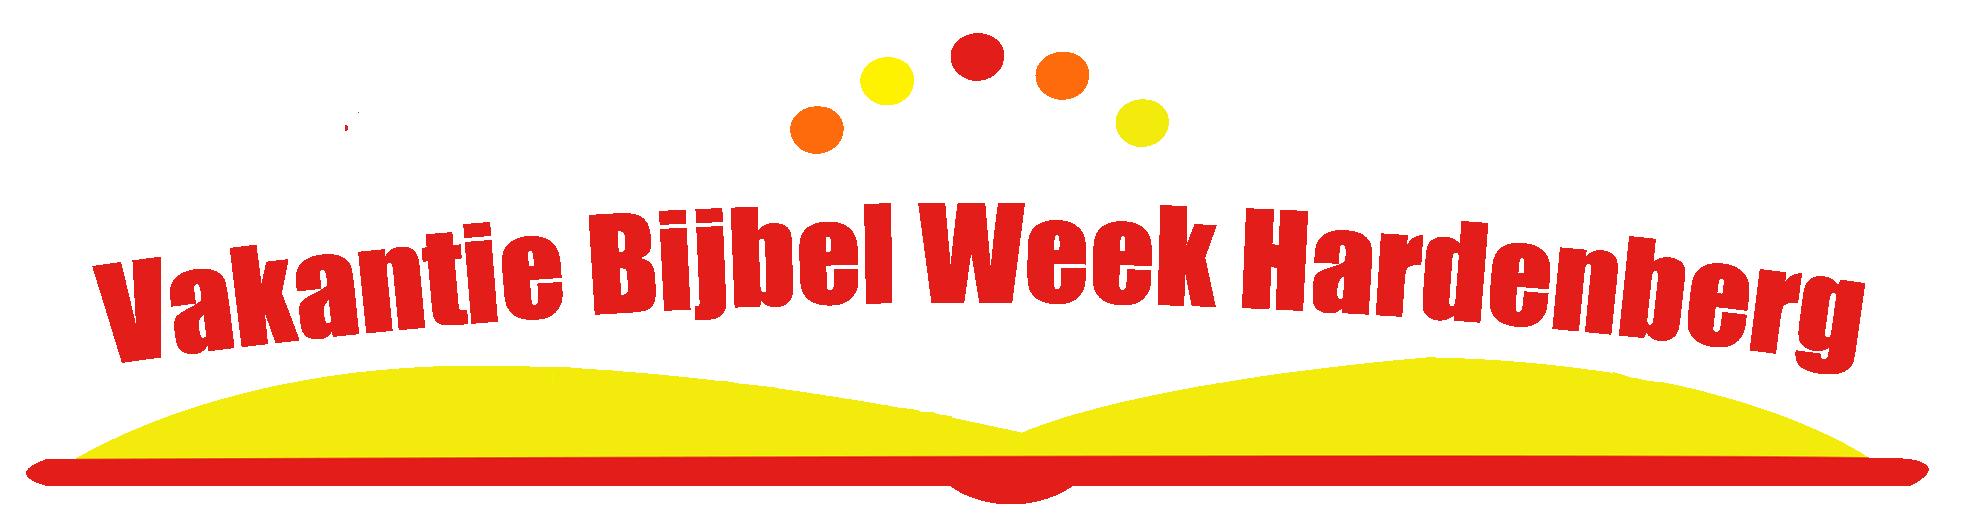 Vakantie Bijbel Week Hardenberg